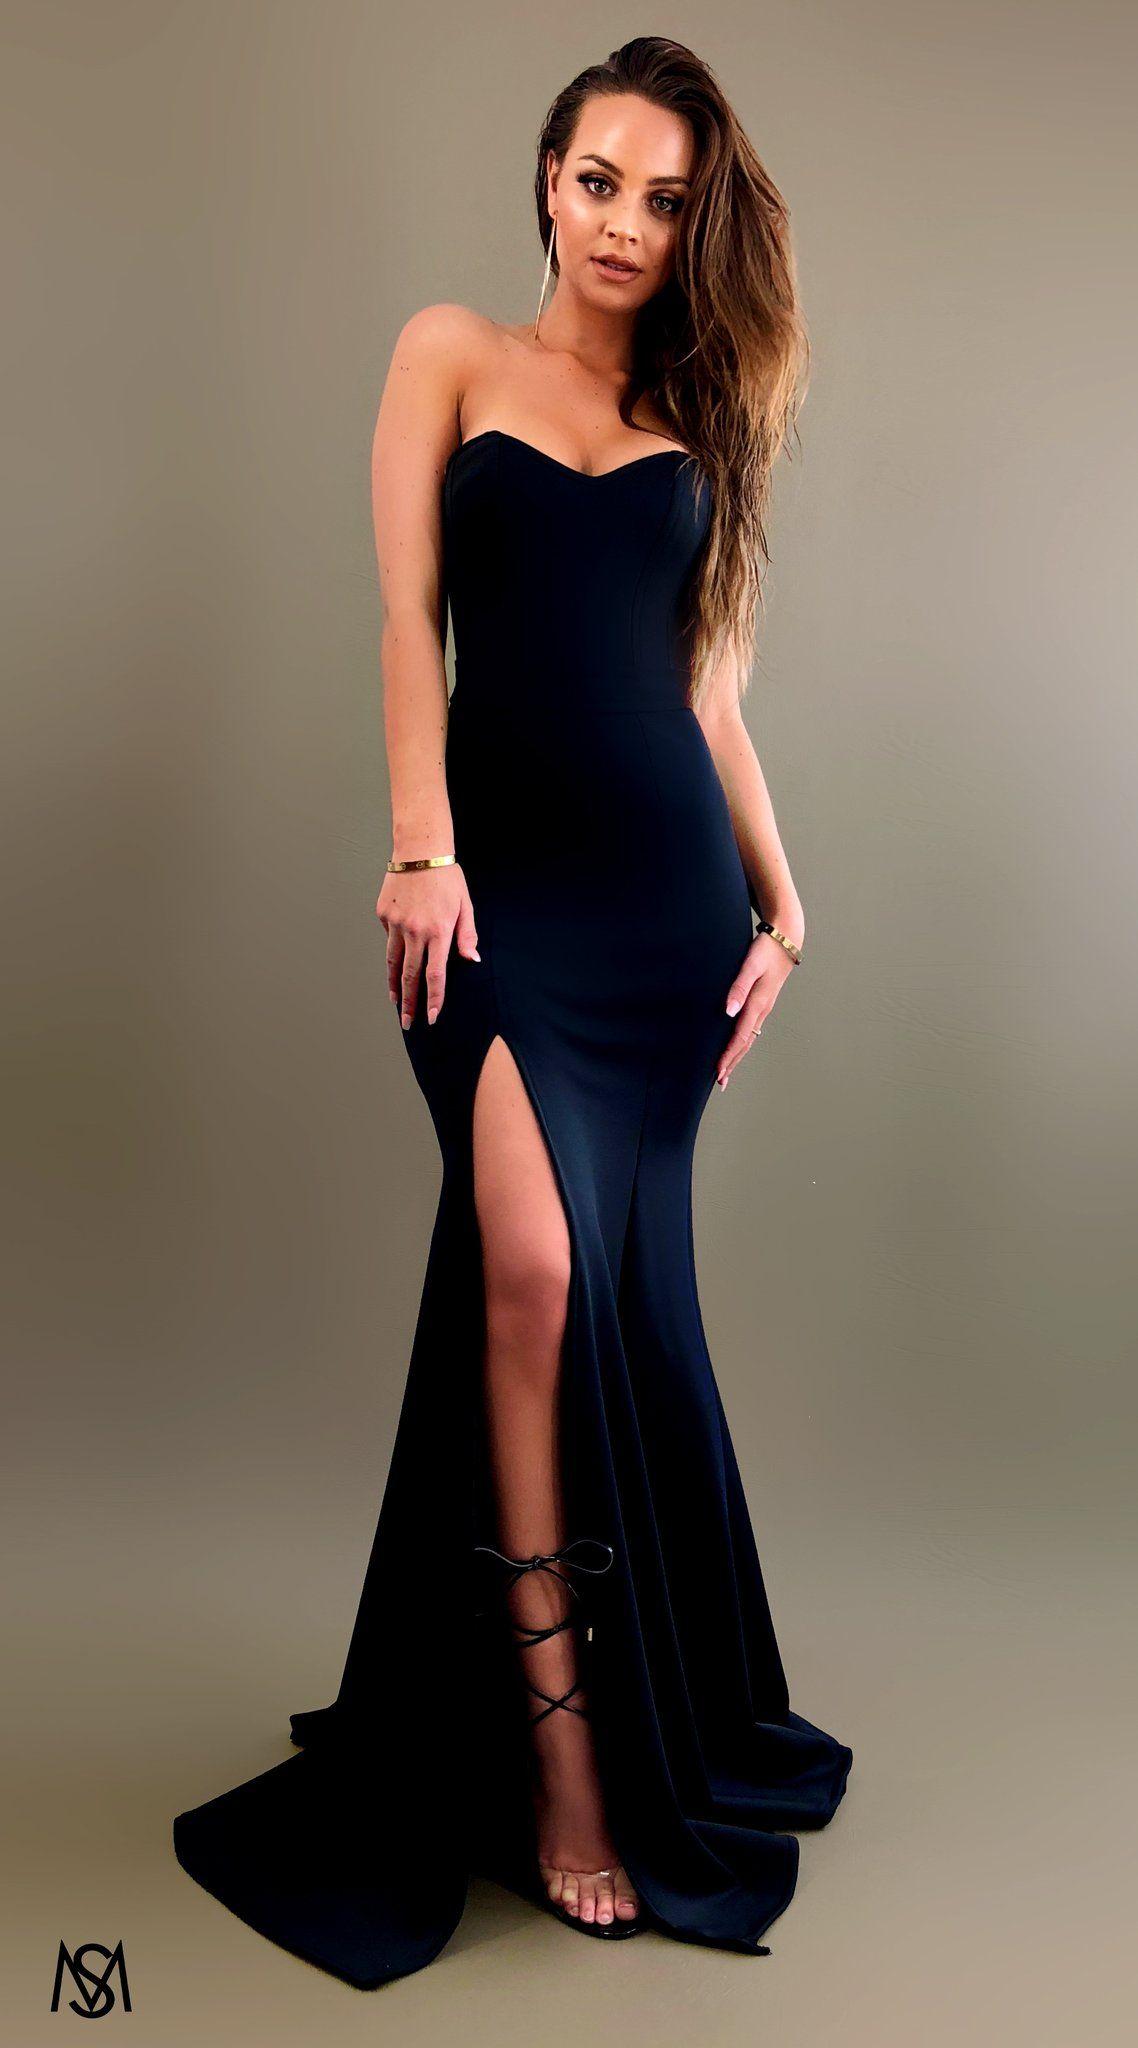 76c09b2160d Black III - Formal Prom Dress by STUDIO MINC